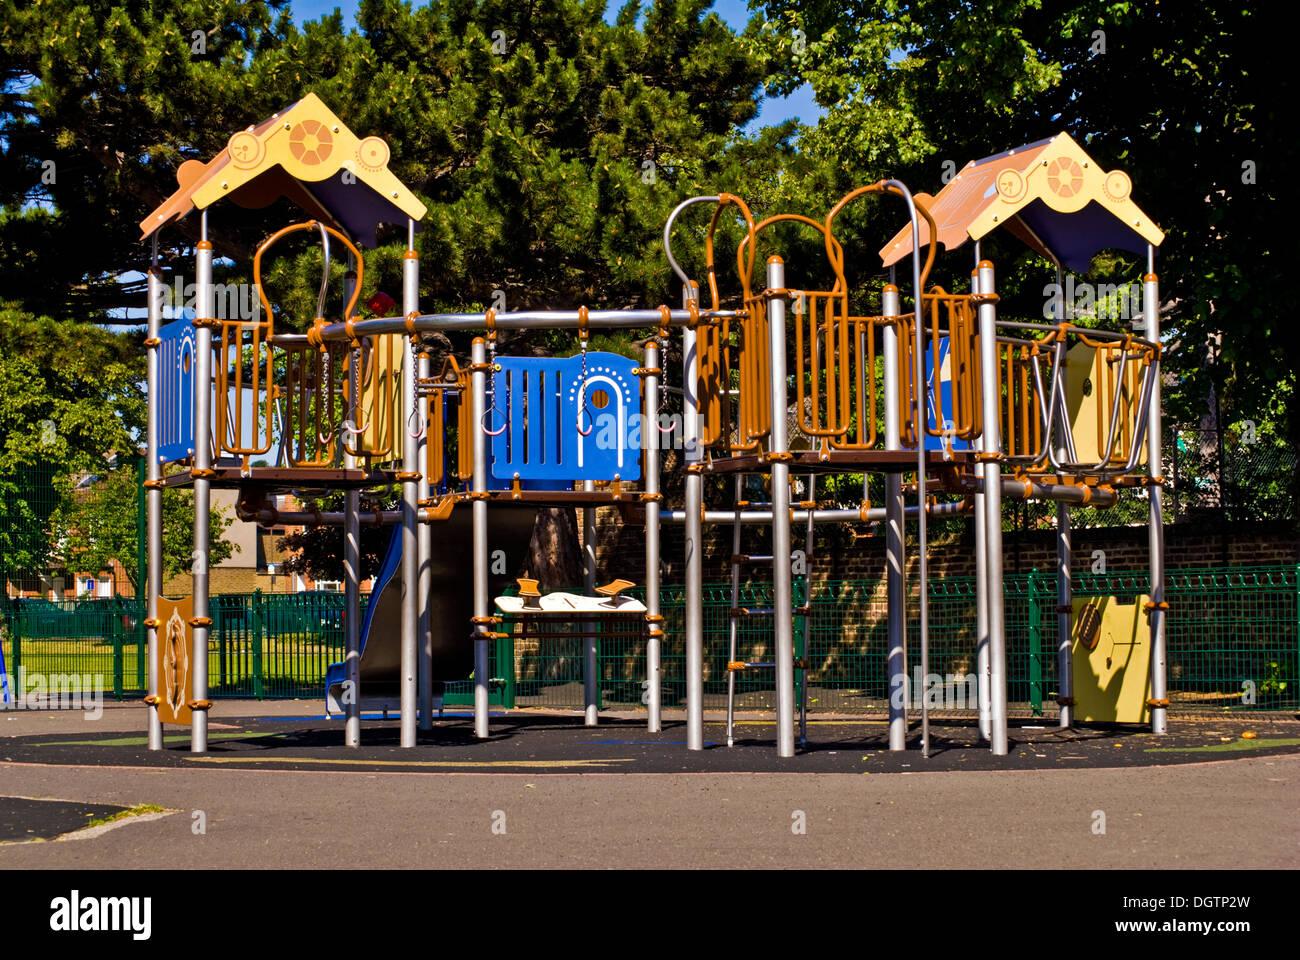 Klettergerüst Kinder Plastik : Klettergerüste für kinder spielplatz stockfoto bild